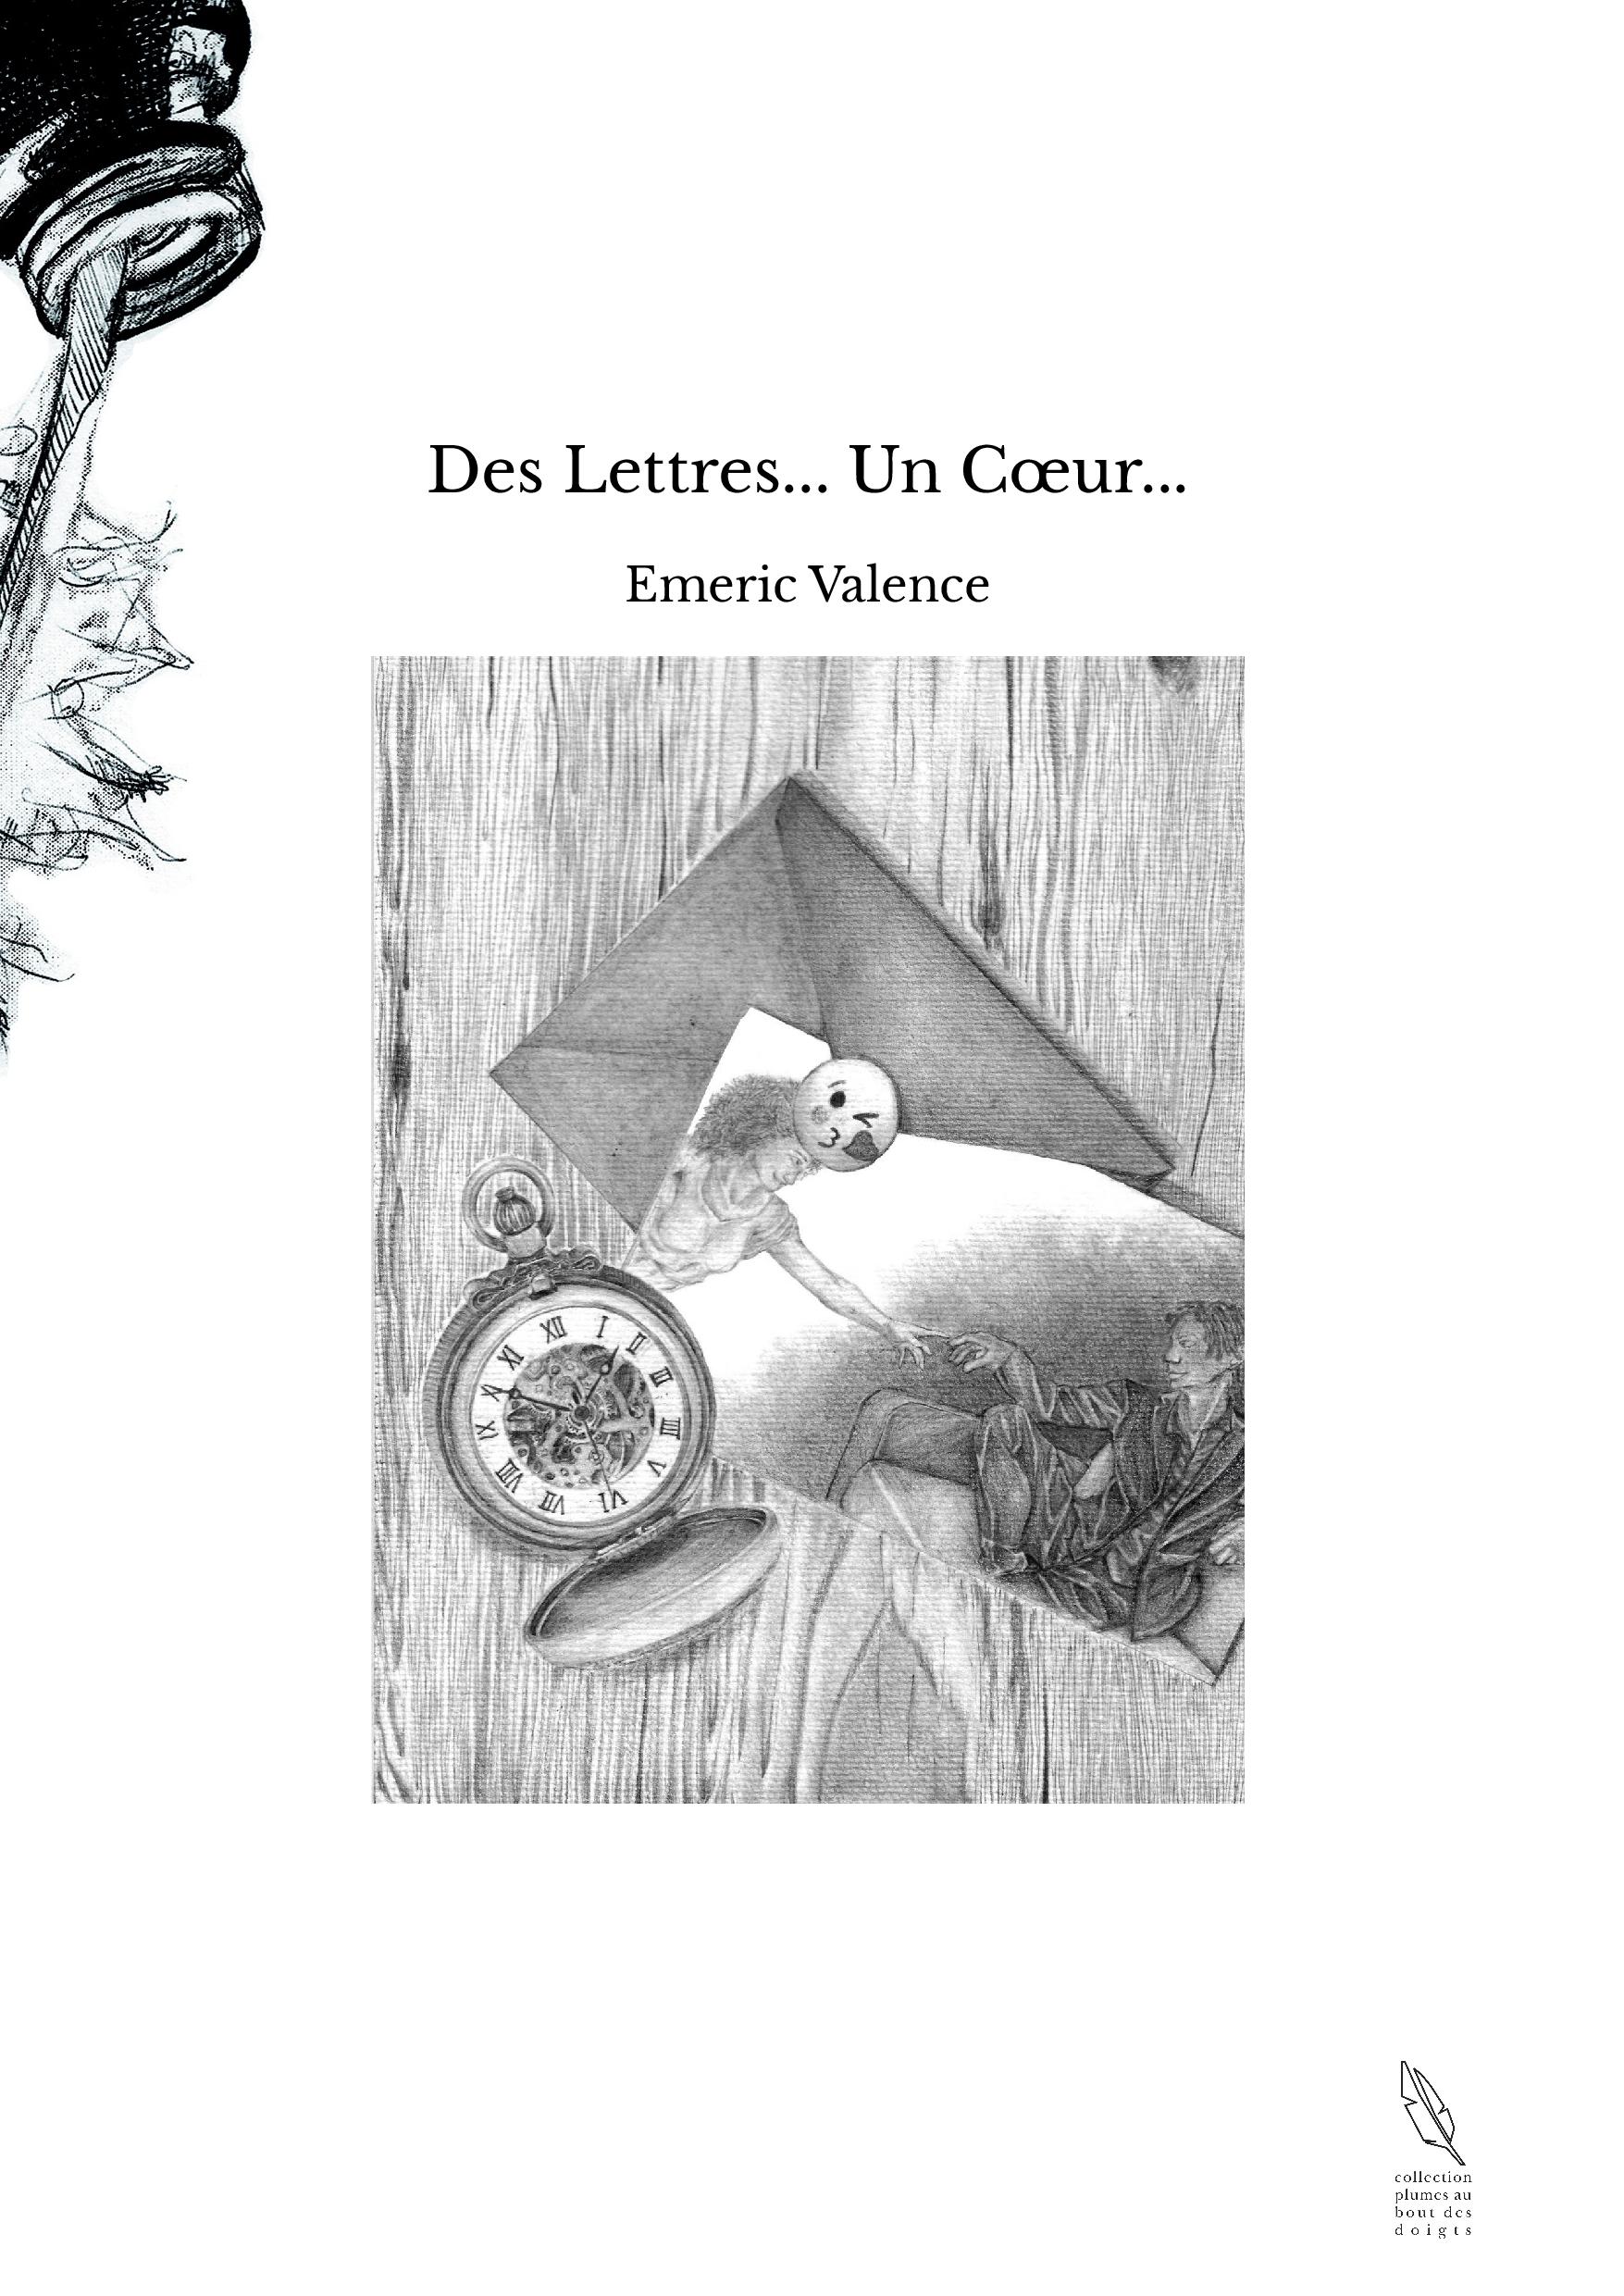 Des Lettres... Un Cœur...